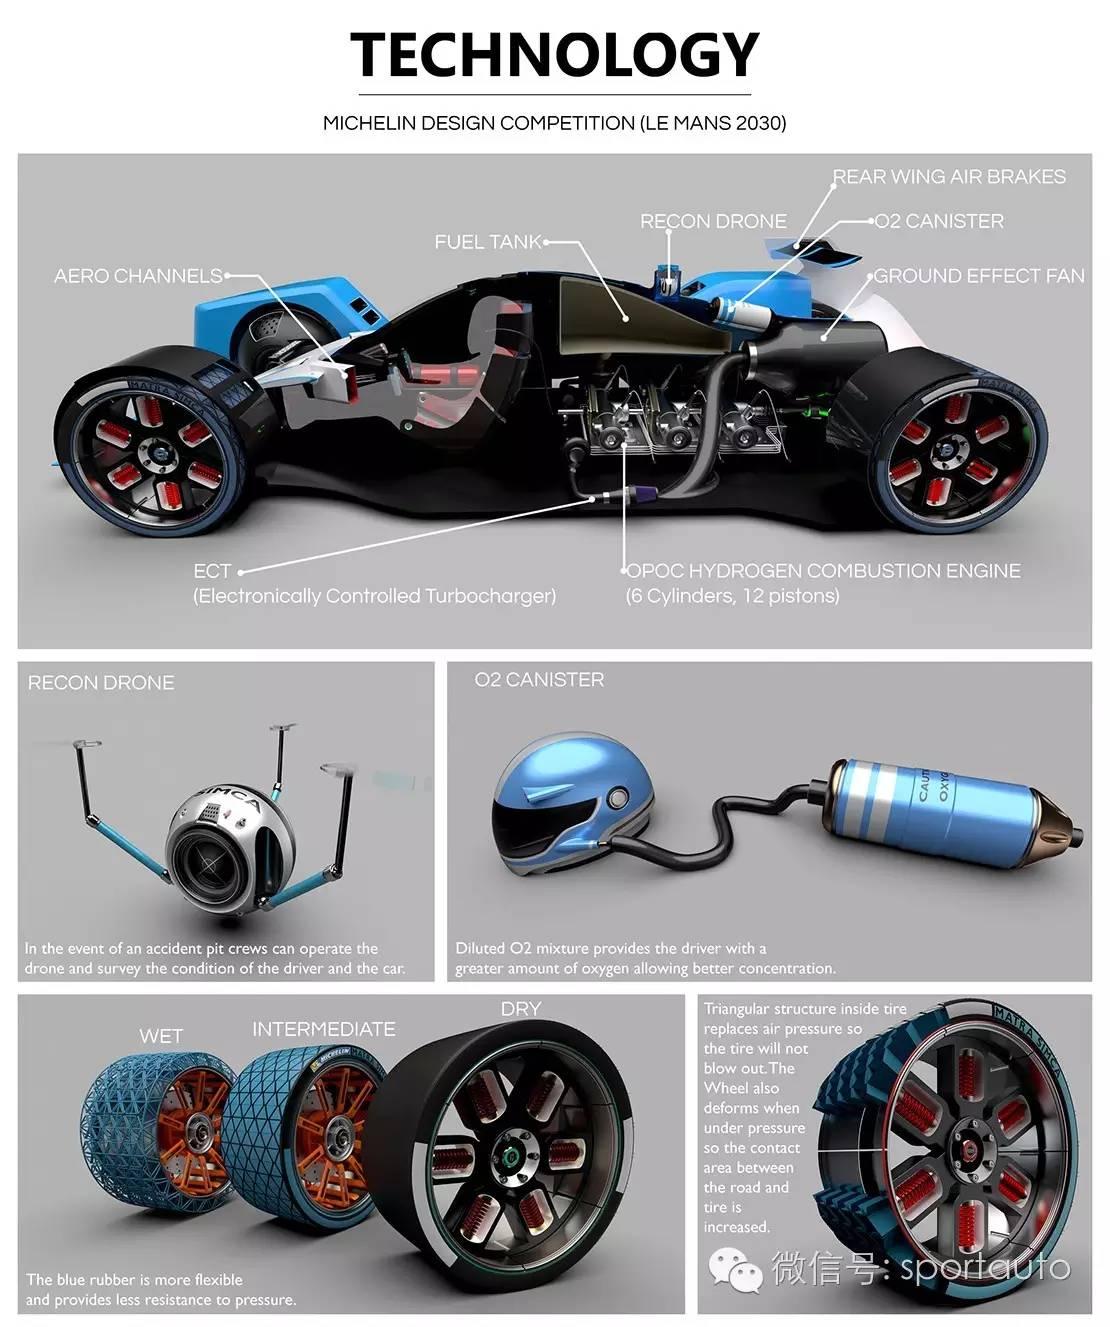 这里有对未来勒芒战车最疯狂的设计!